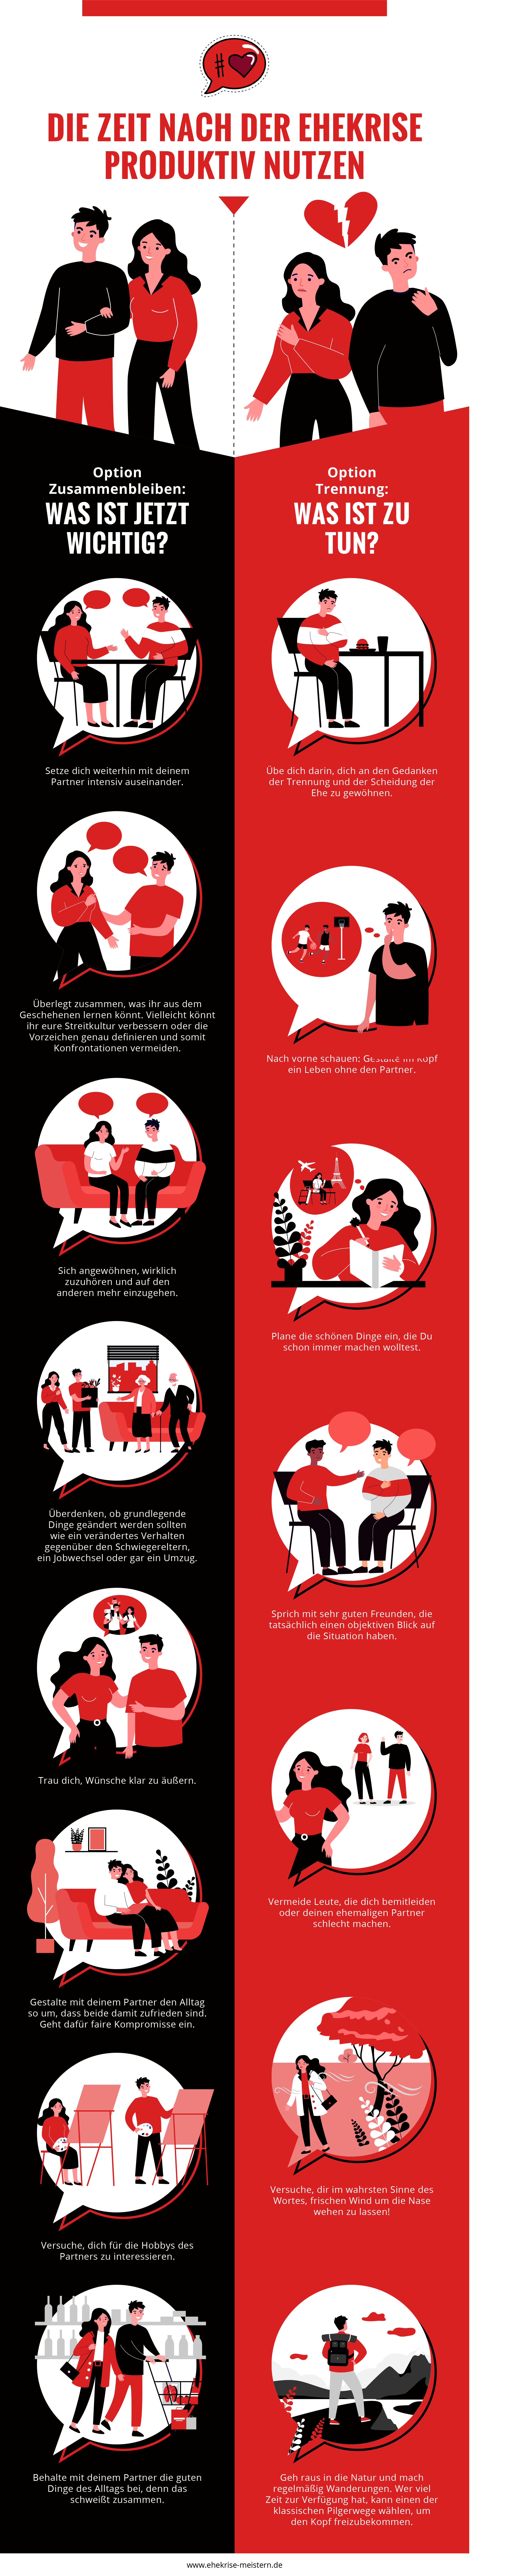 Infografik Nach Der Ehekrise: Wie Soll Das Leben Jetzt Aussehen